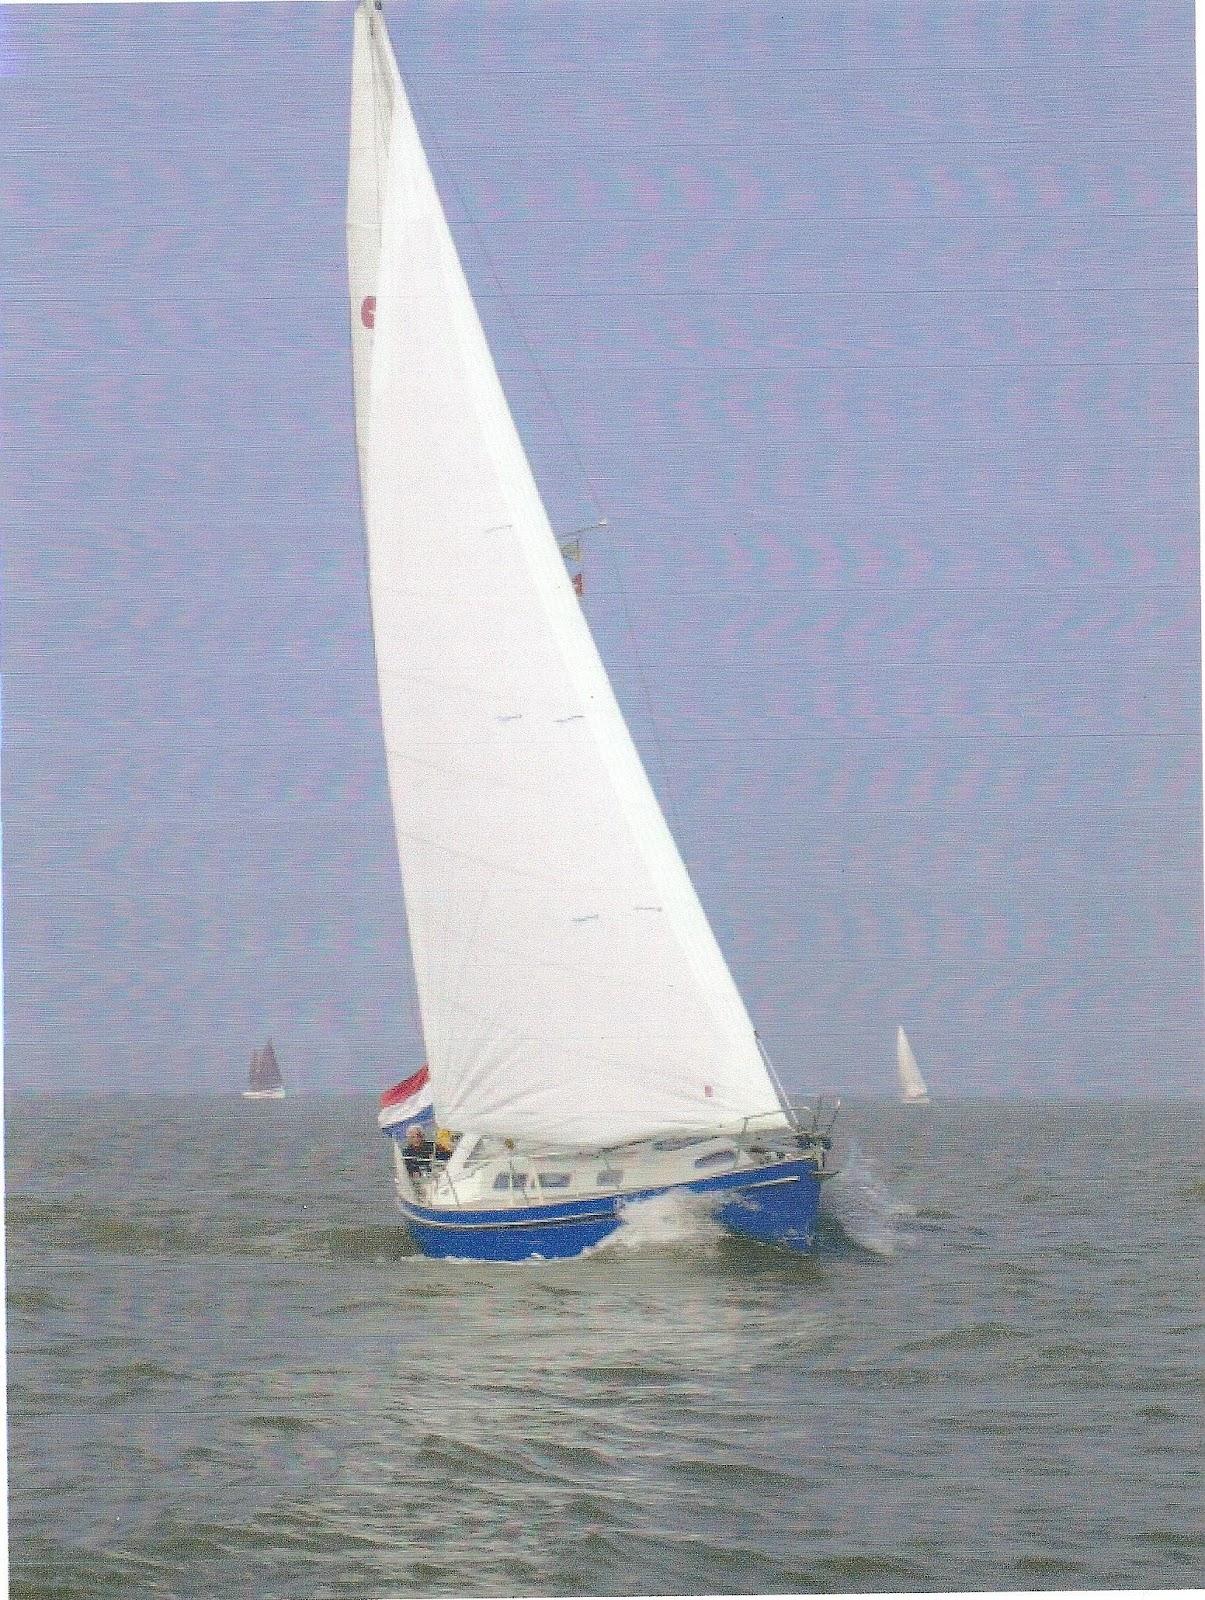 Nicholson 35 Sophia op het IJsselmeer voor Monnickendam, vermoedelijk september 2009